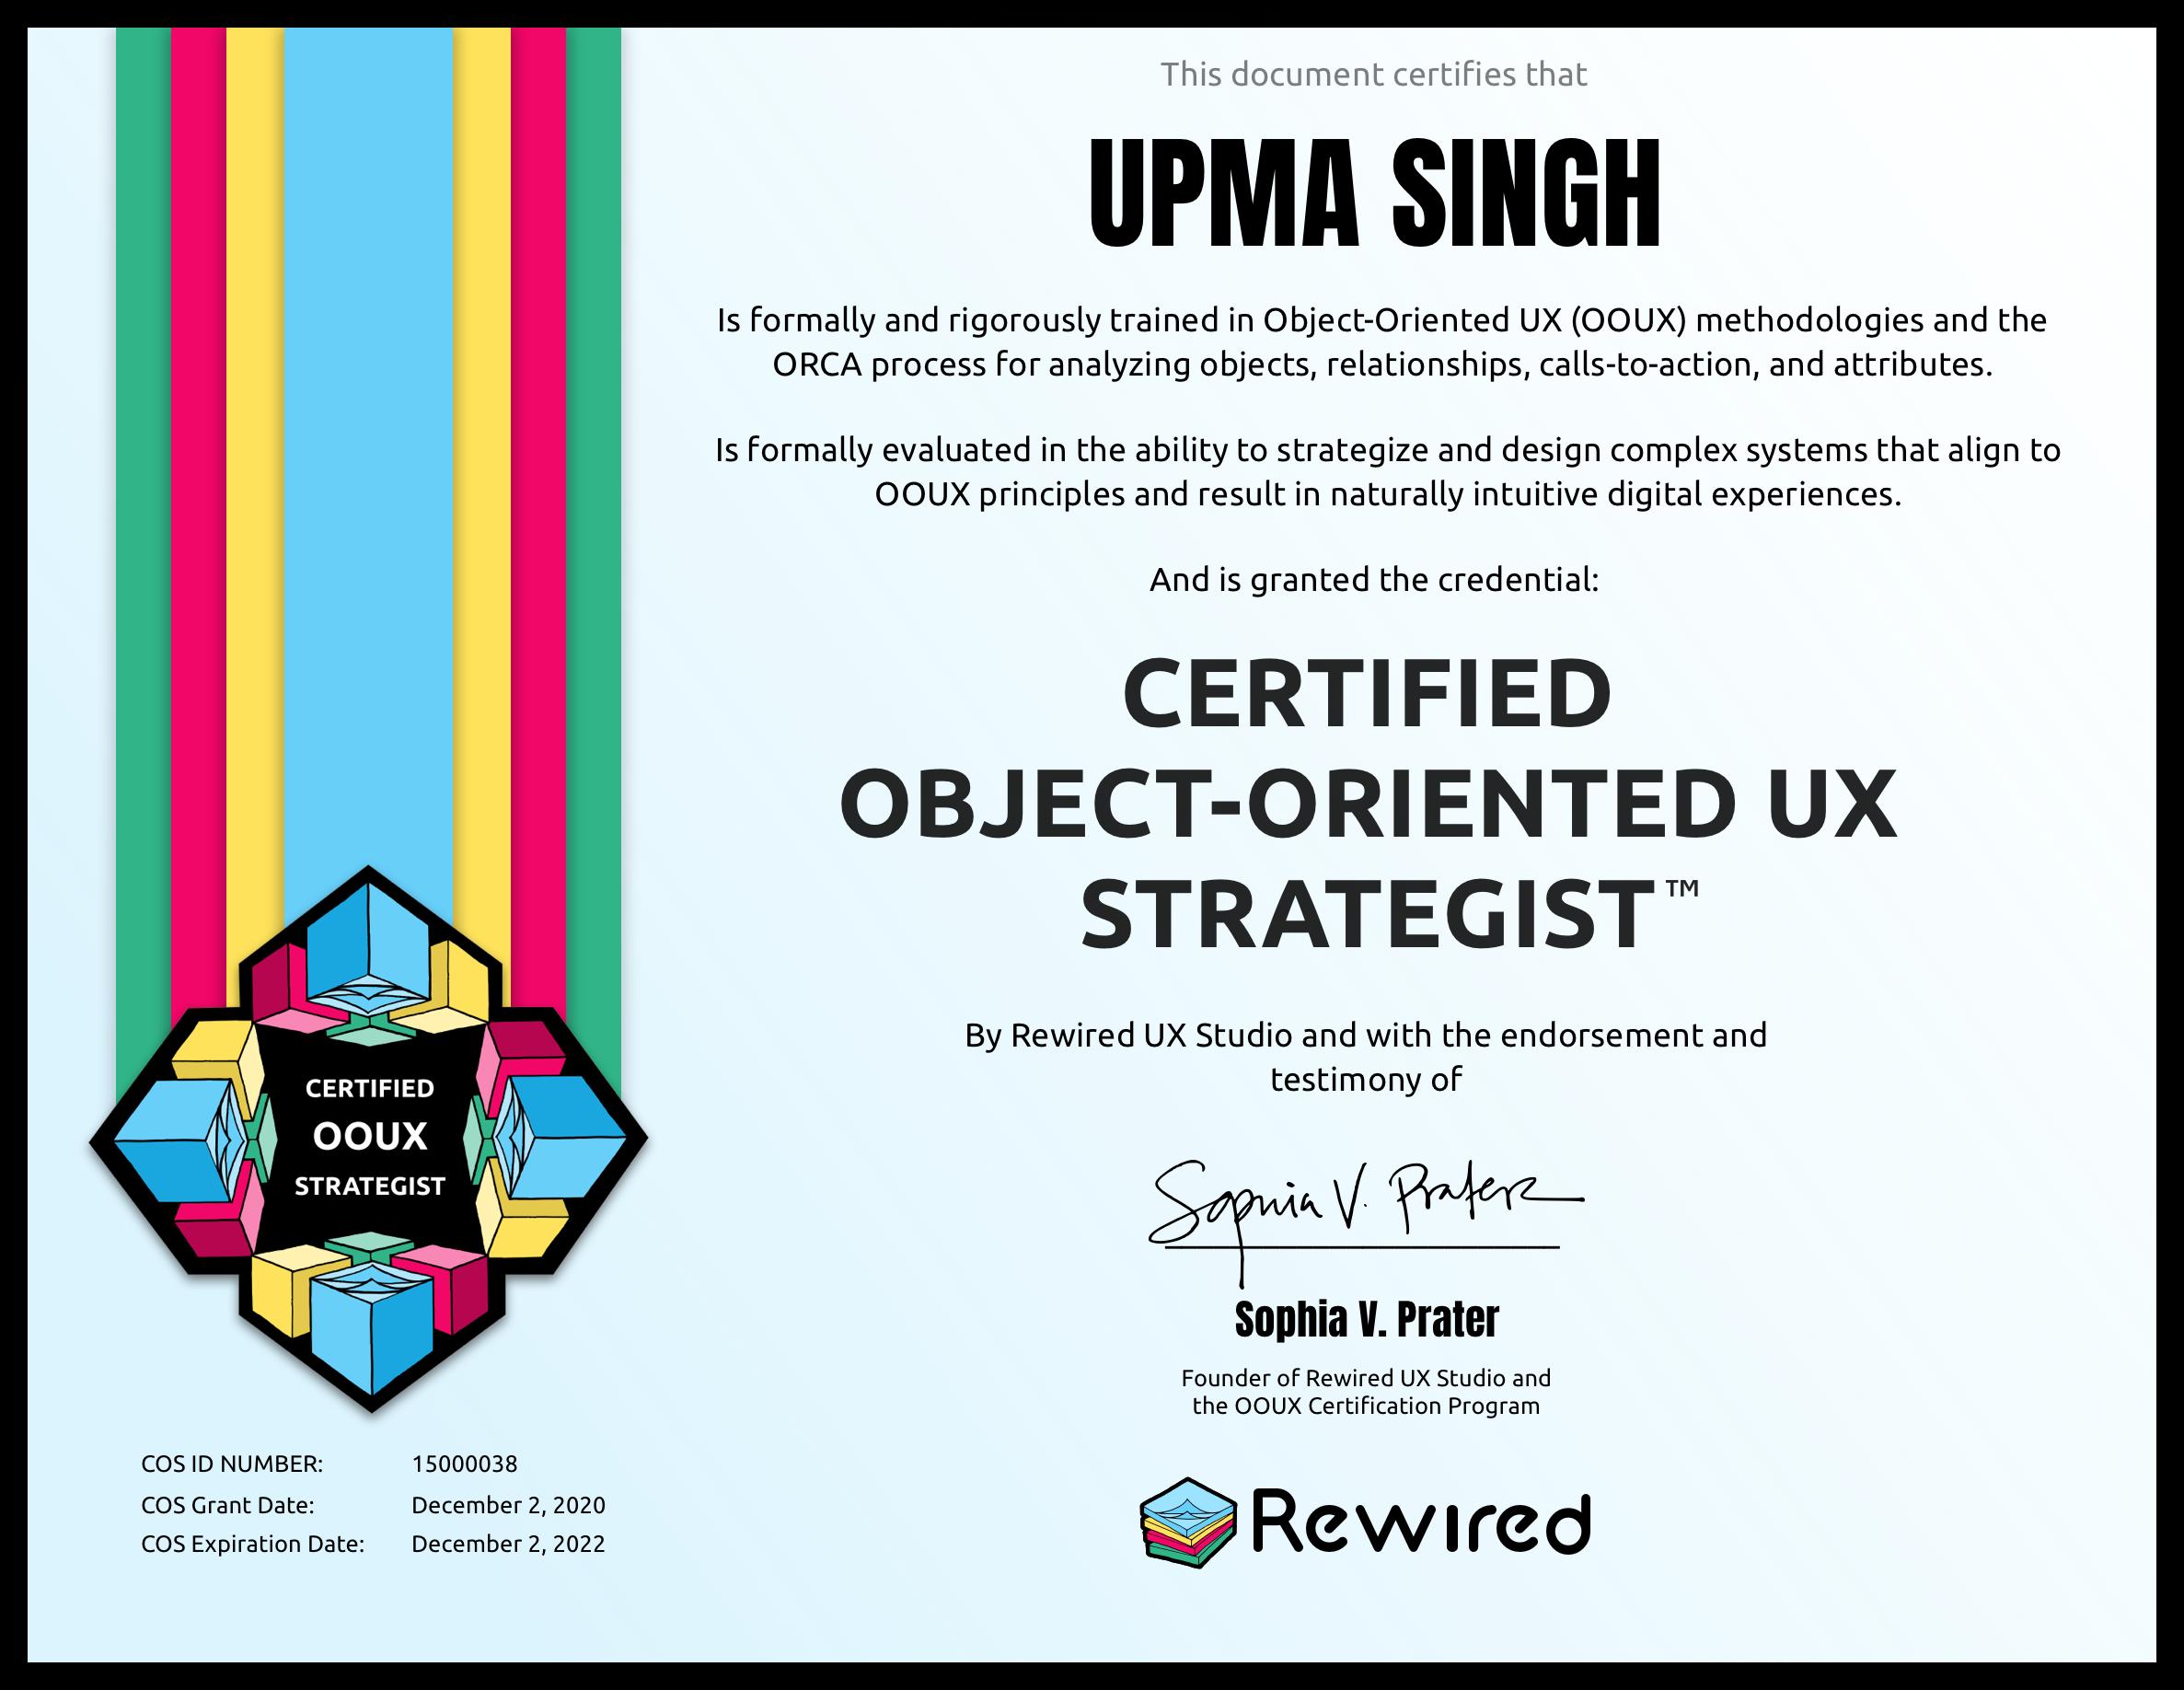 Upma Singh